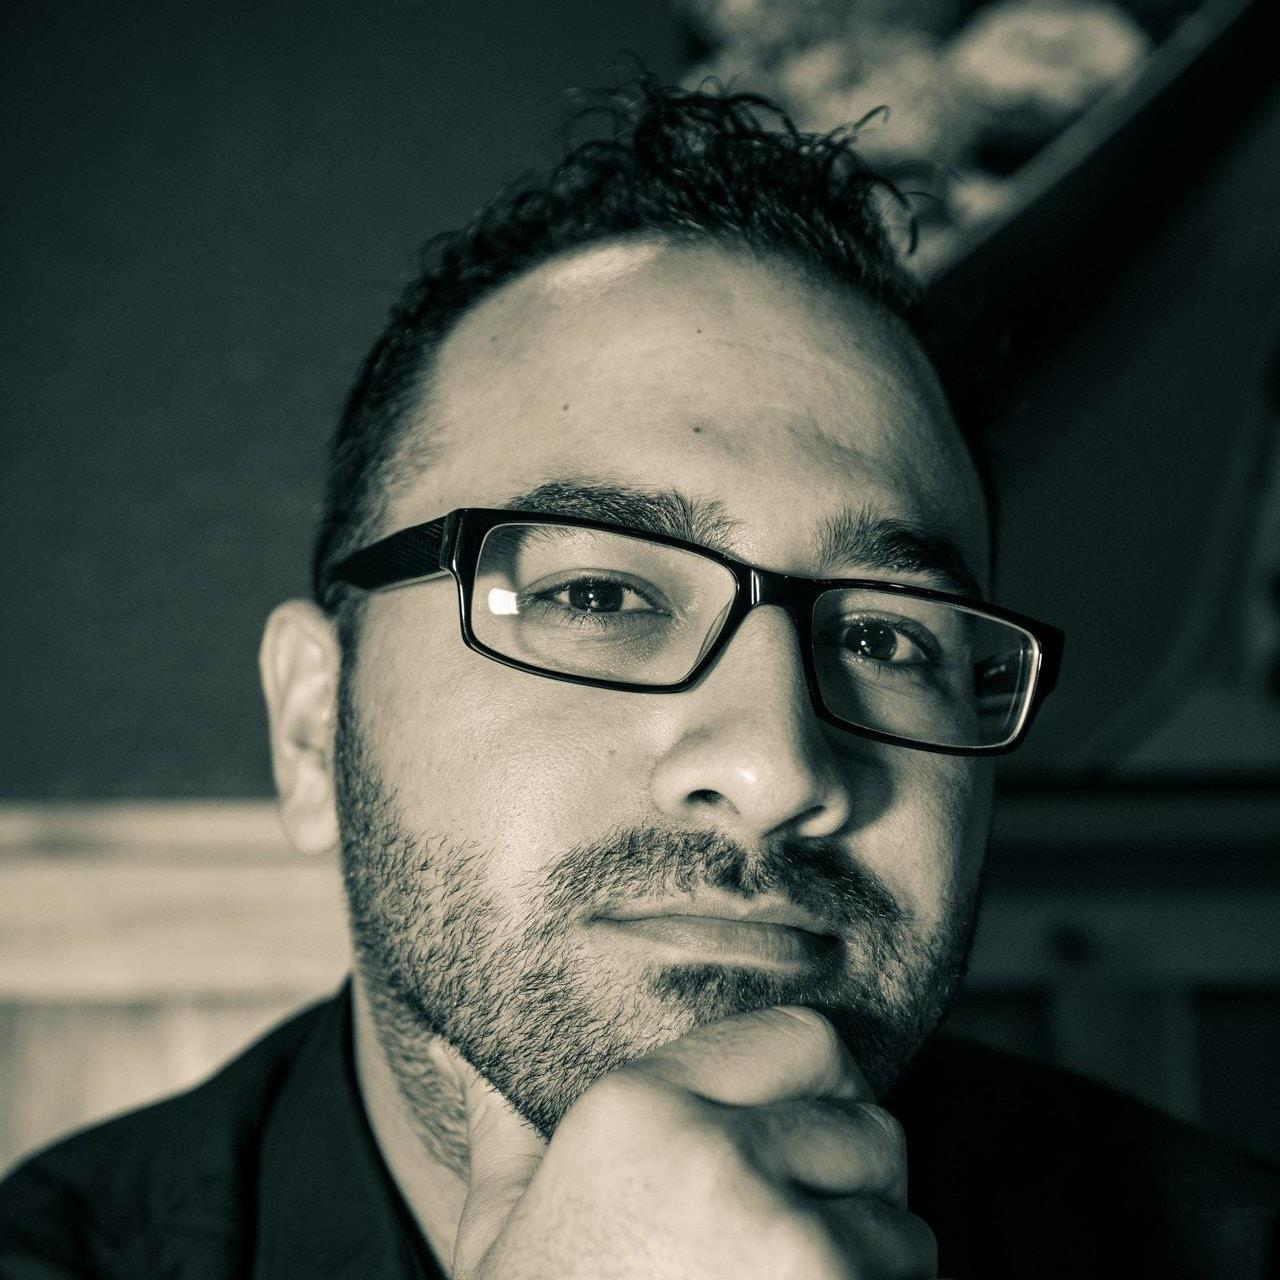 Go to Aaron Guzman's profile